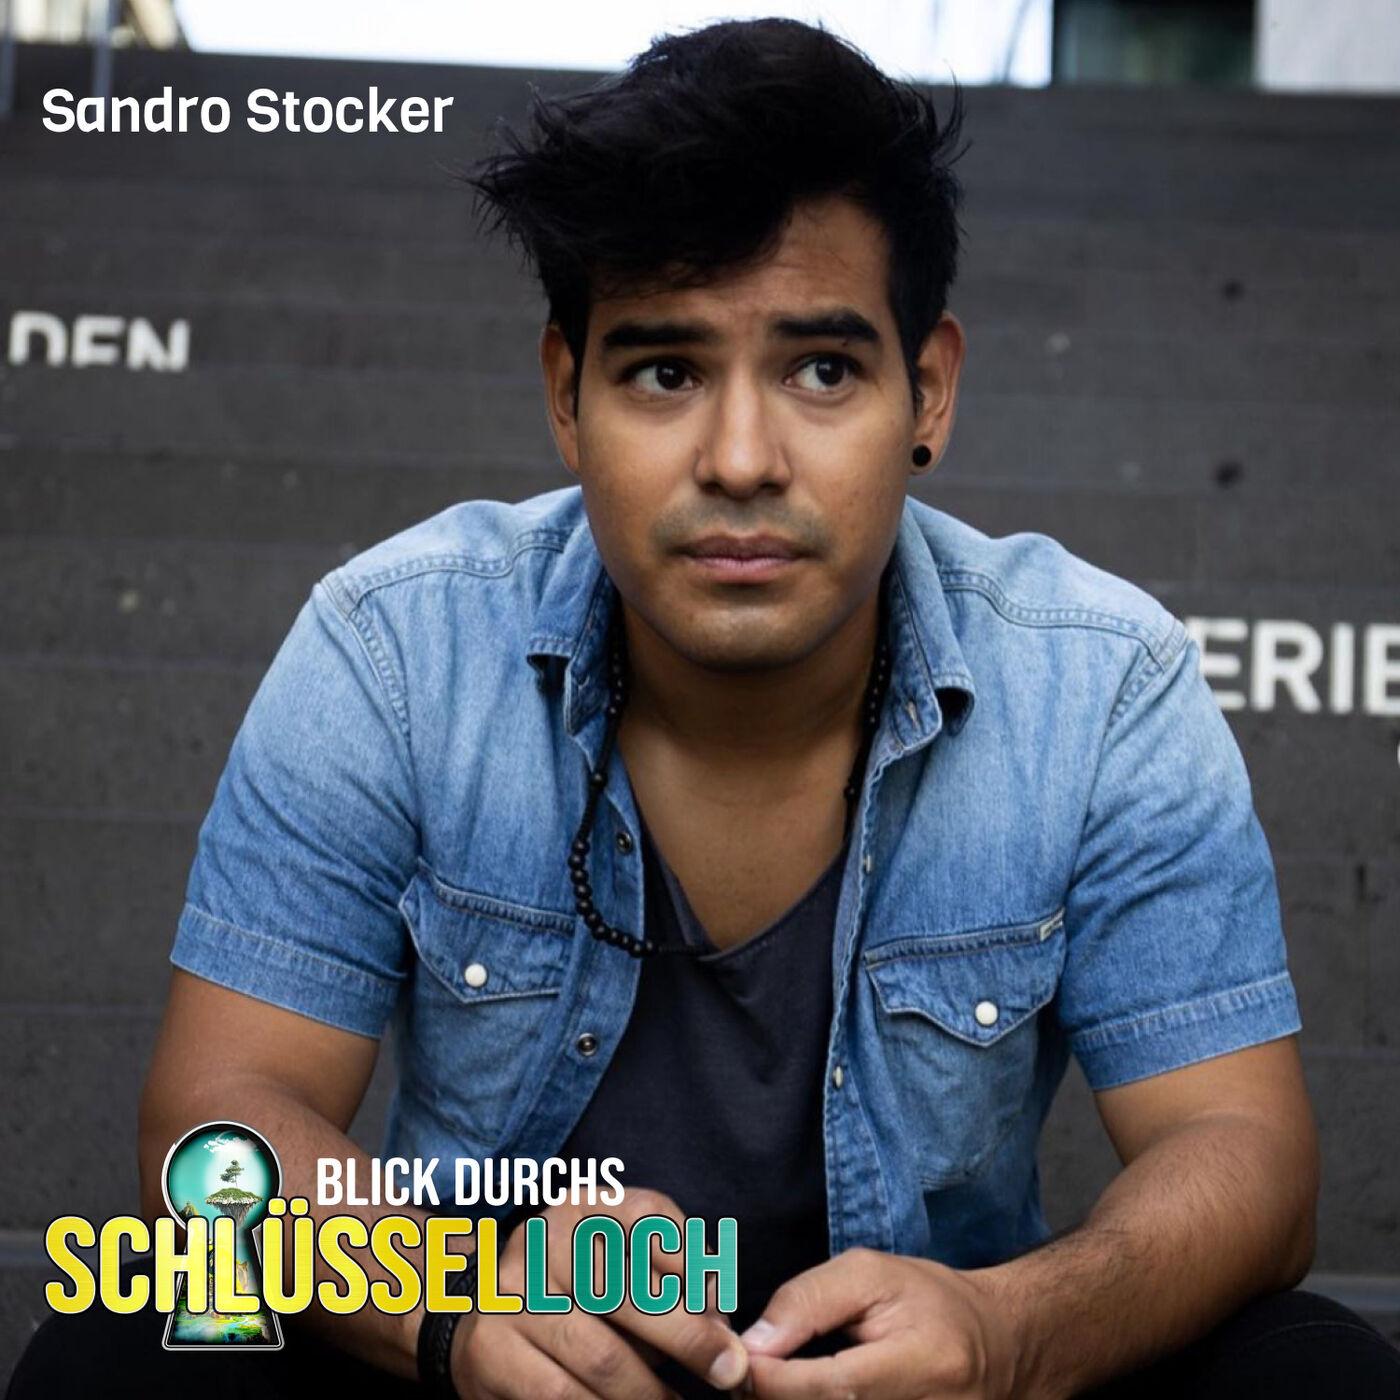 #21 Emotionale Schauspielrollen waren noch nie ein Problem! Sandro Stocker